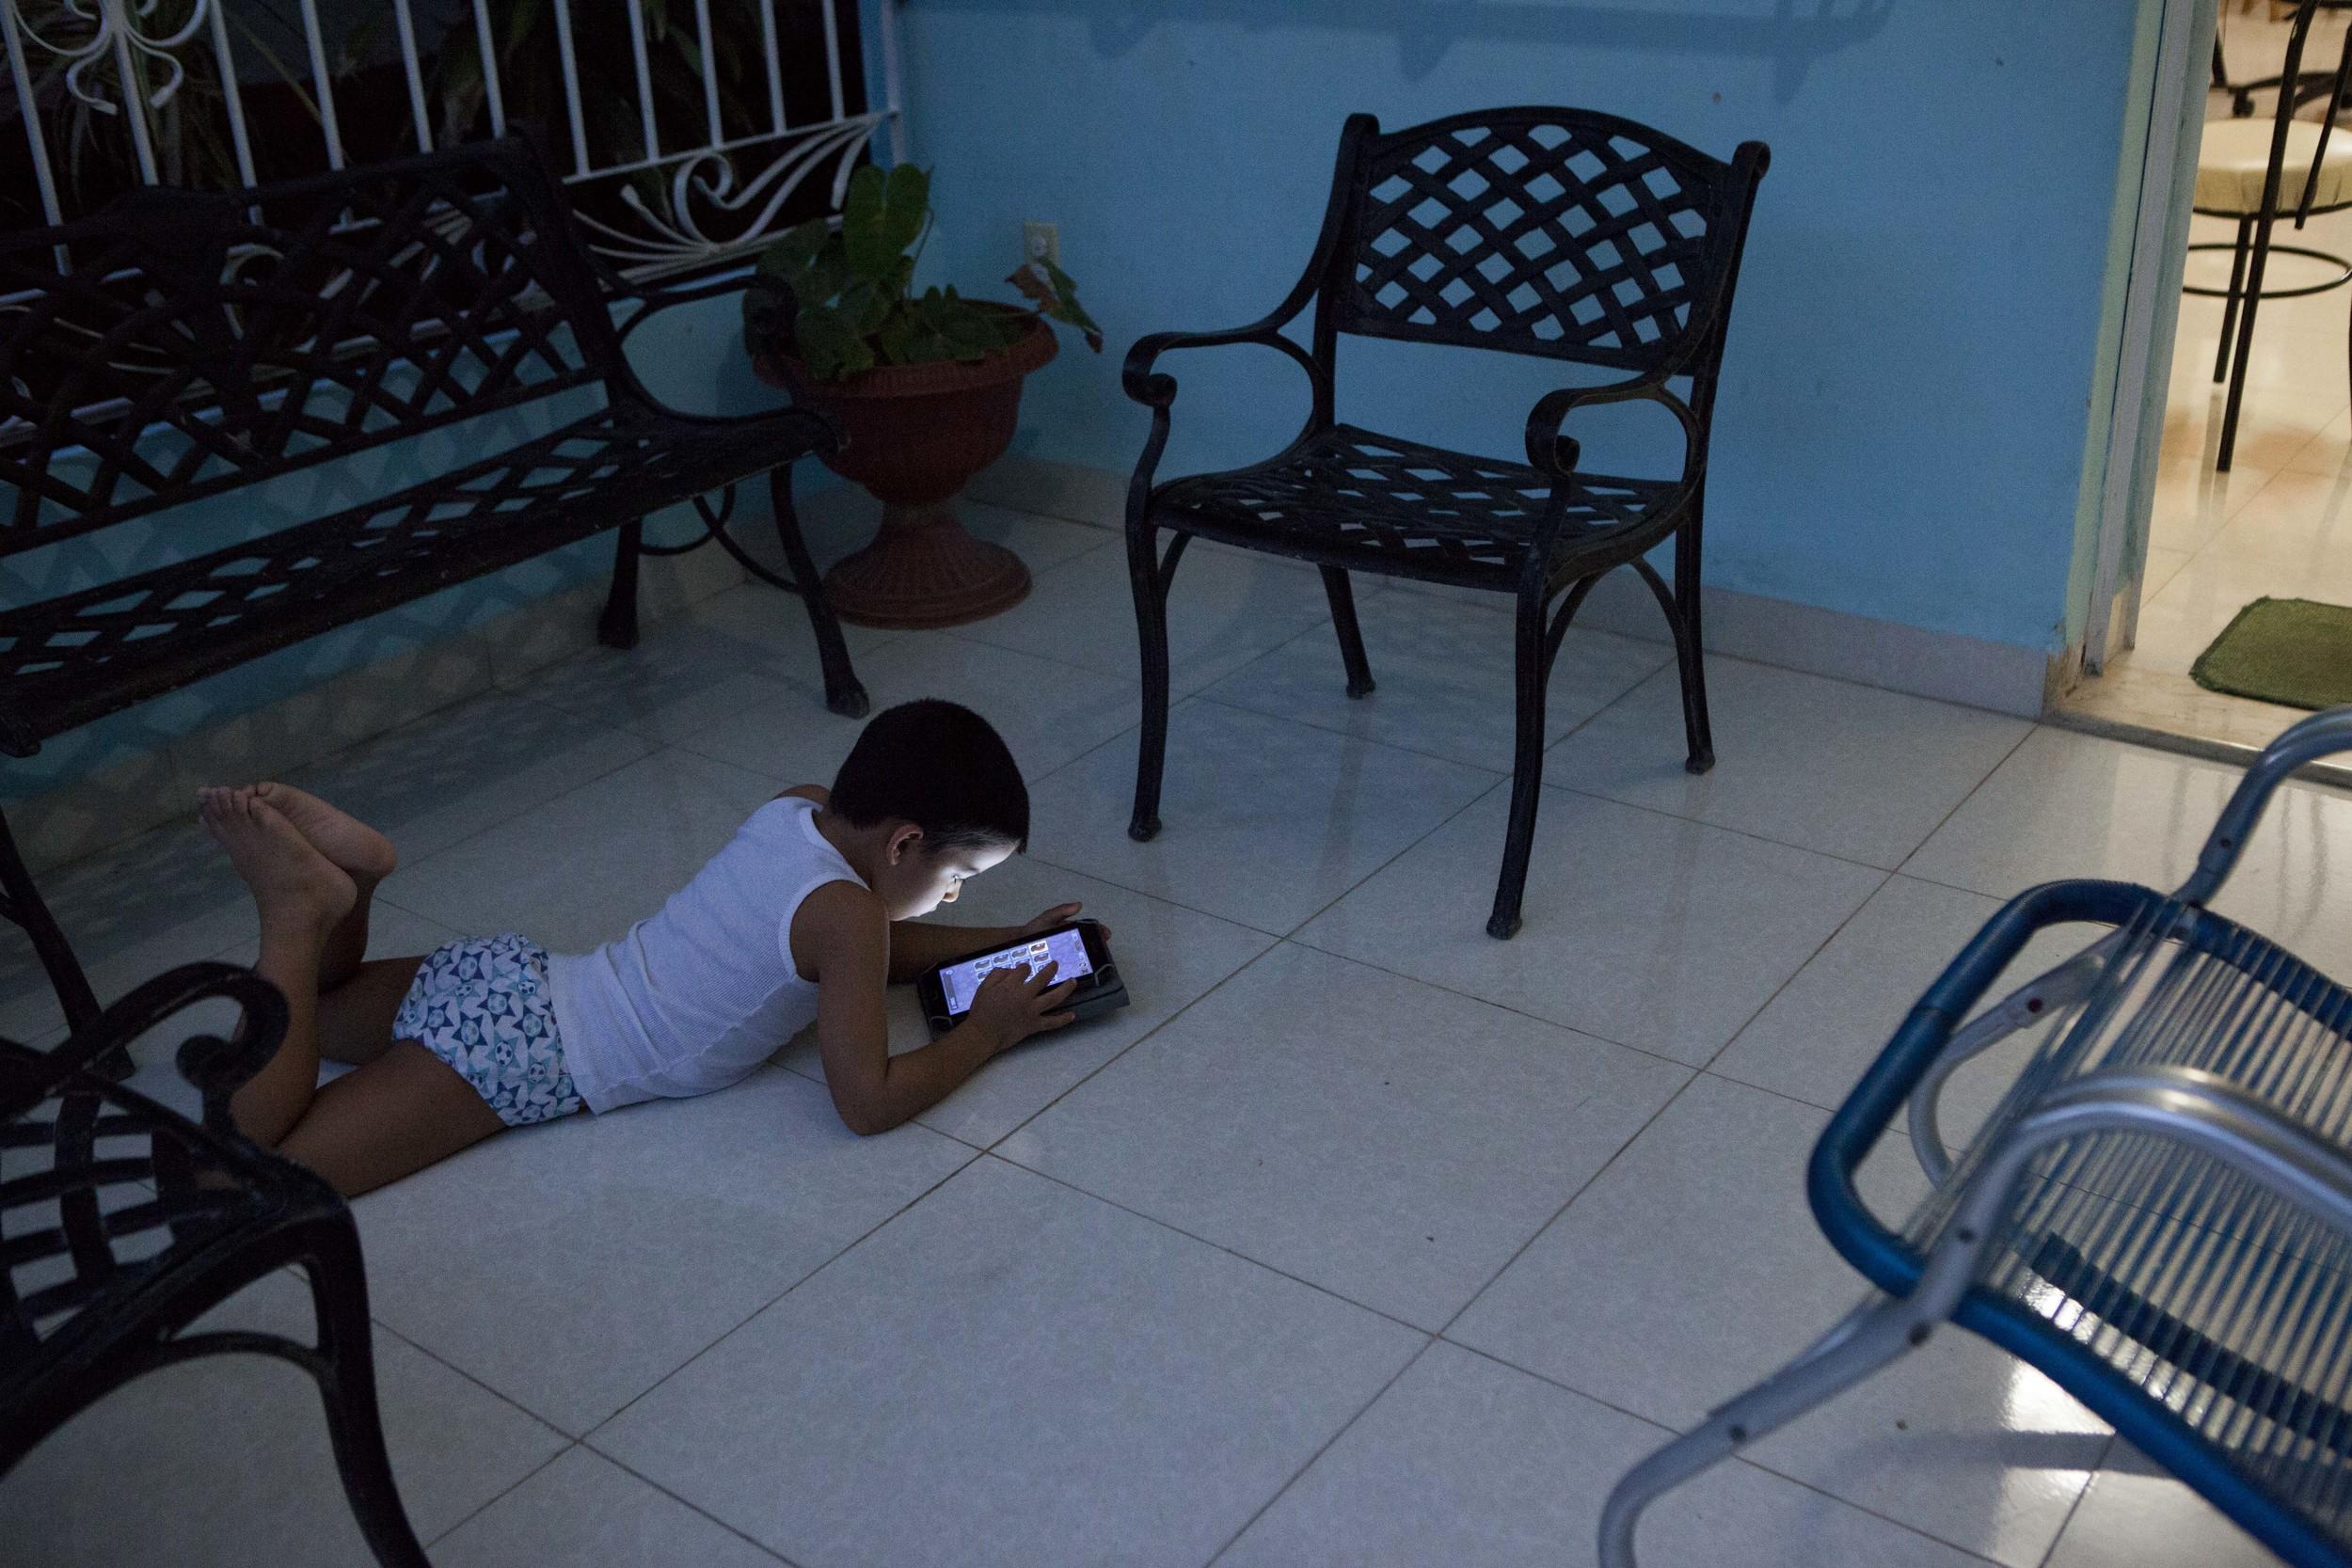 Marcel on tablet, 5